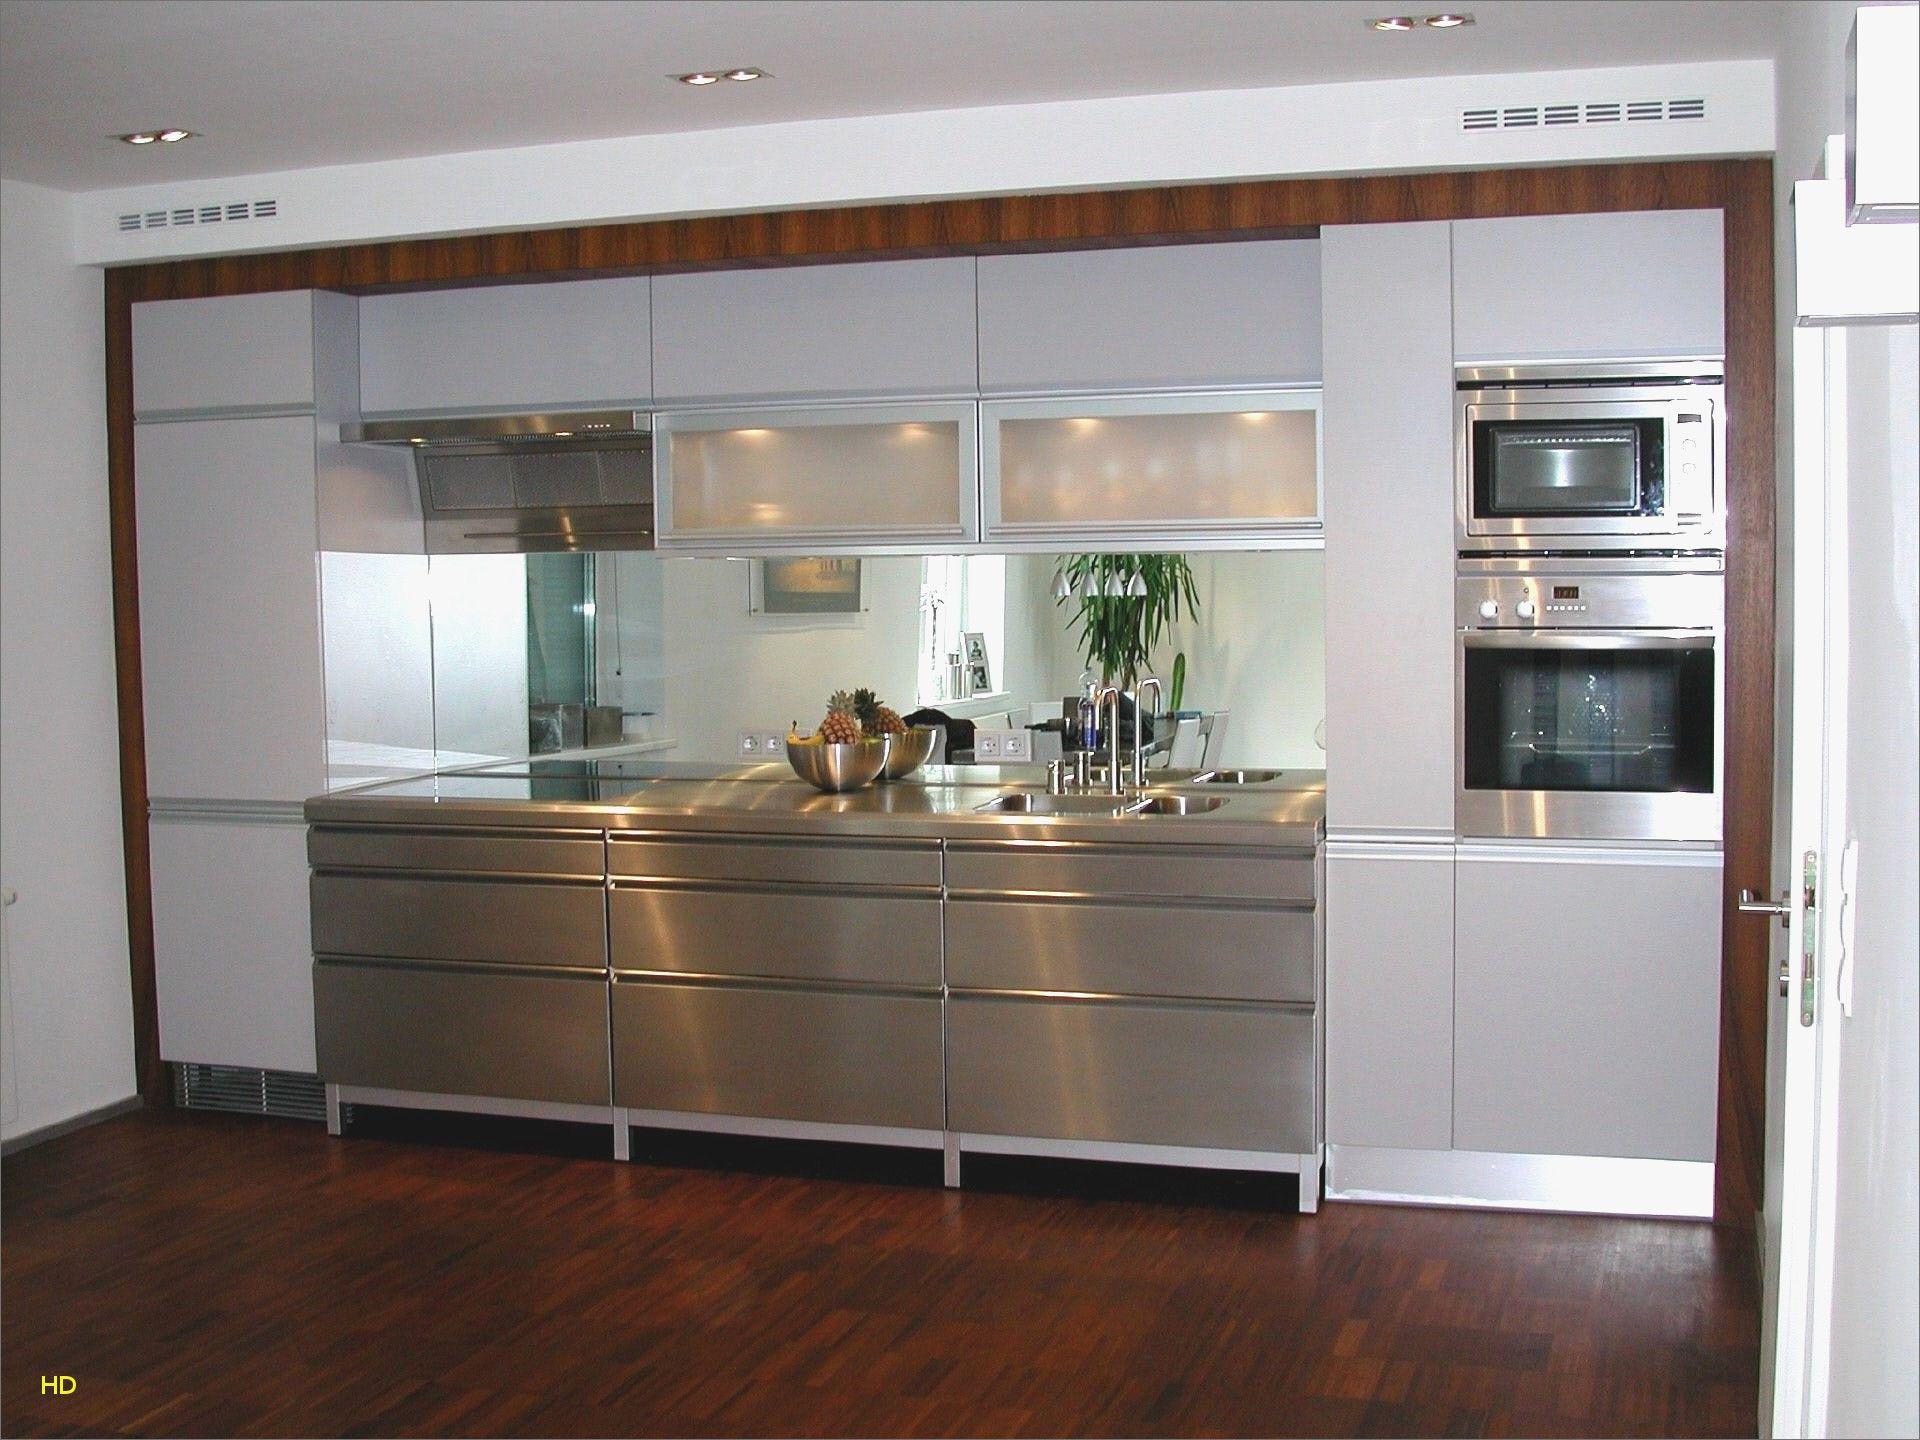 Full Size of Ebay Kleinanzeigen Gebrauchte Küche Gebrauchte Küche Komplett Gebrauchte Küche Weiß Gebrauchte Küche Zu Verkaufen Kaufen Küche Gebrauchte Küche